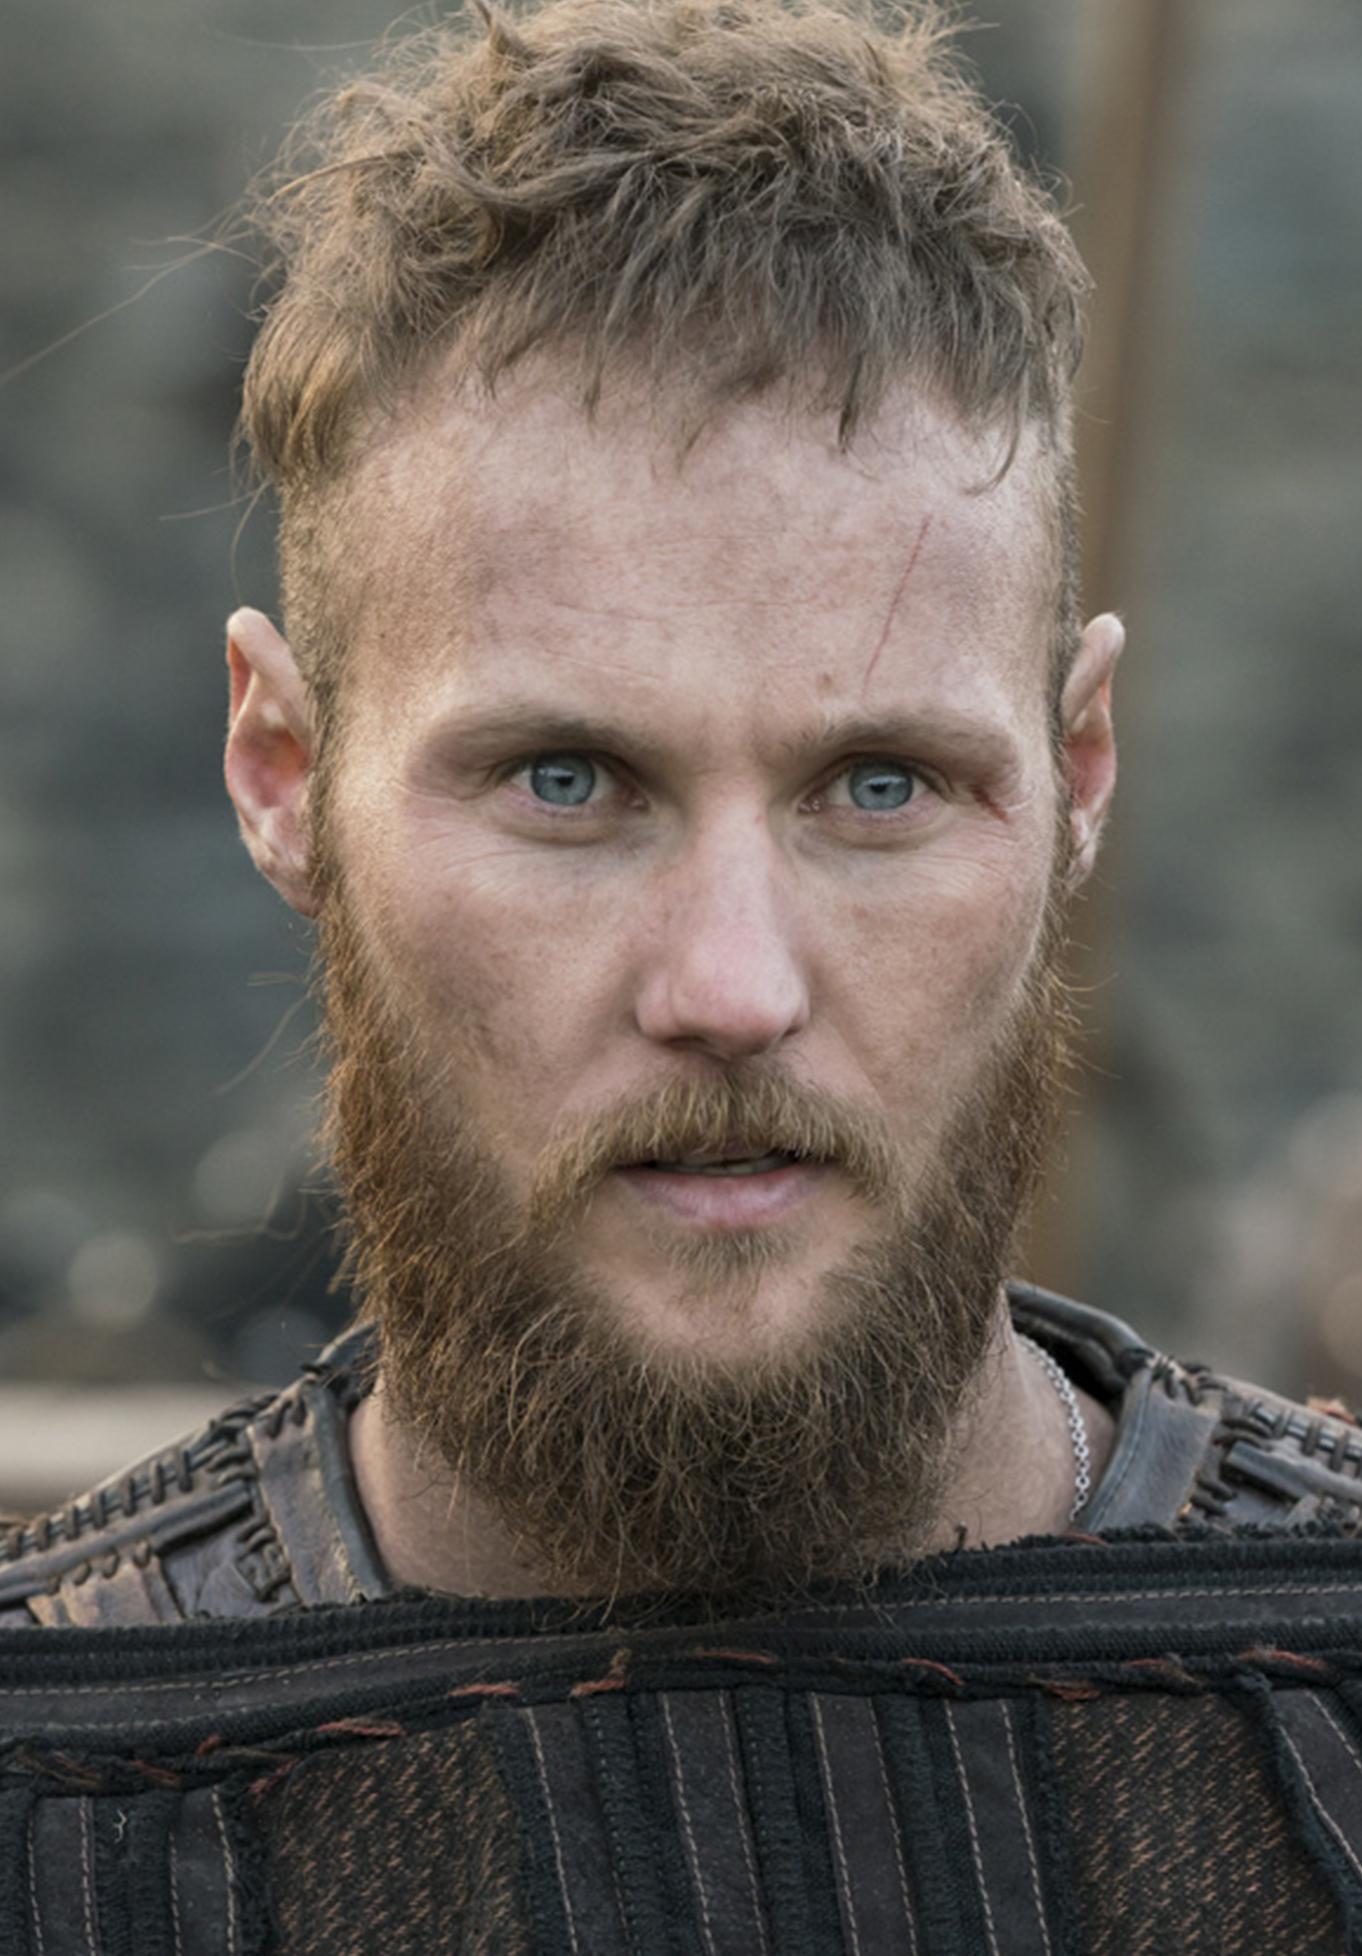 Vikings Ubbe